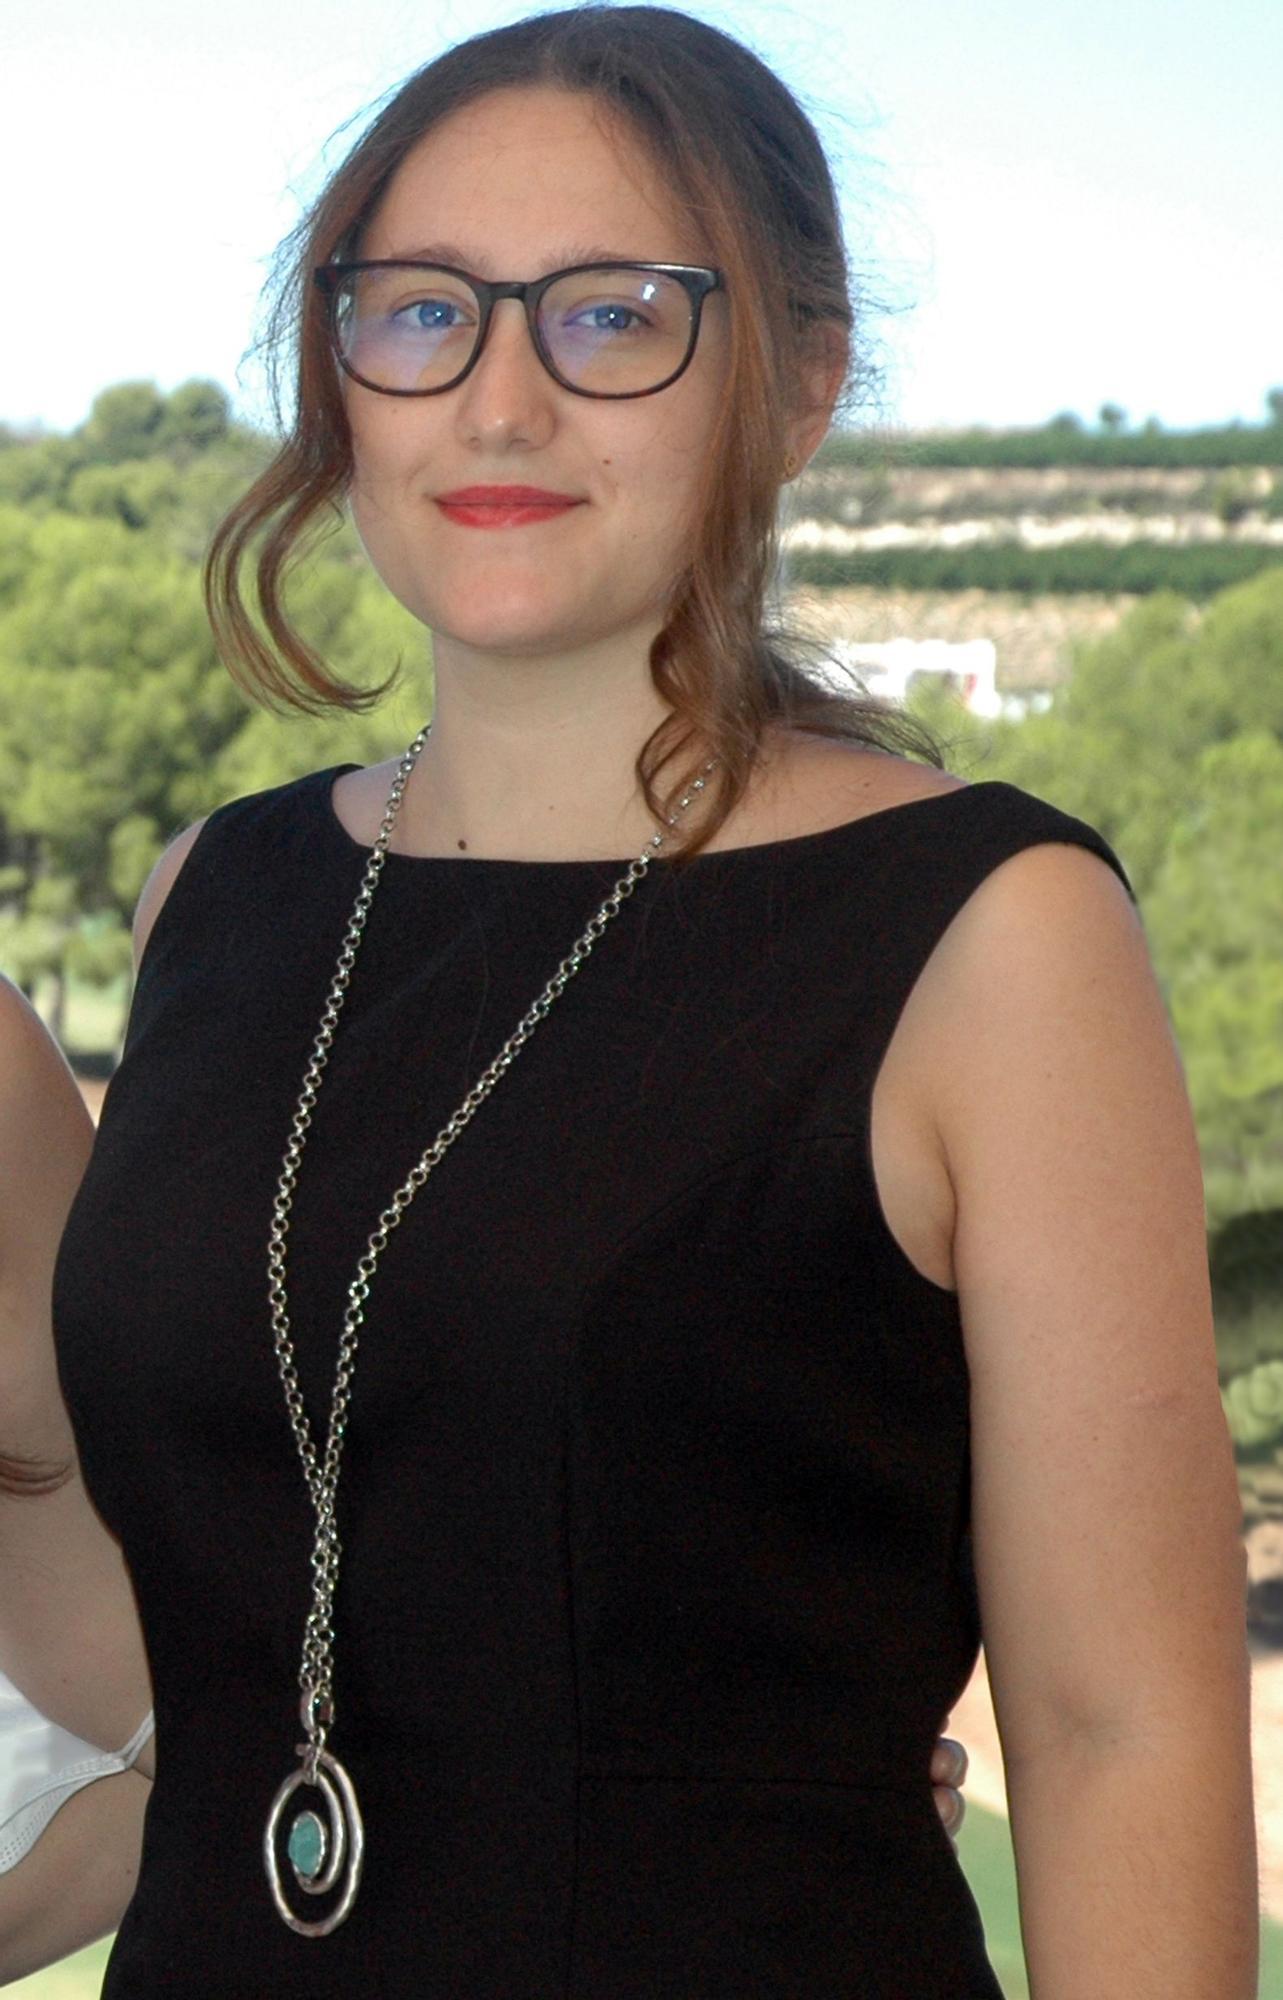 077-P-Eva Maci�n.jpg